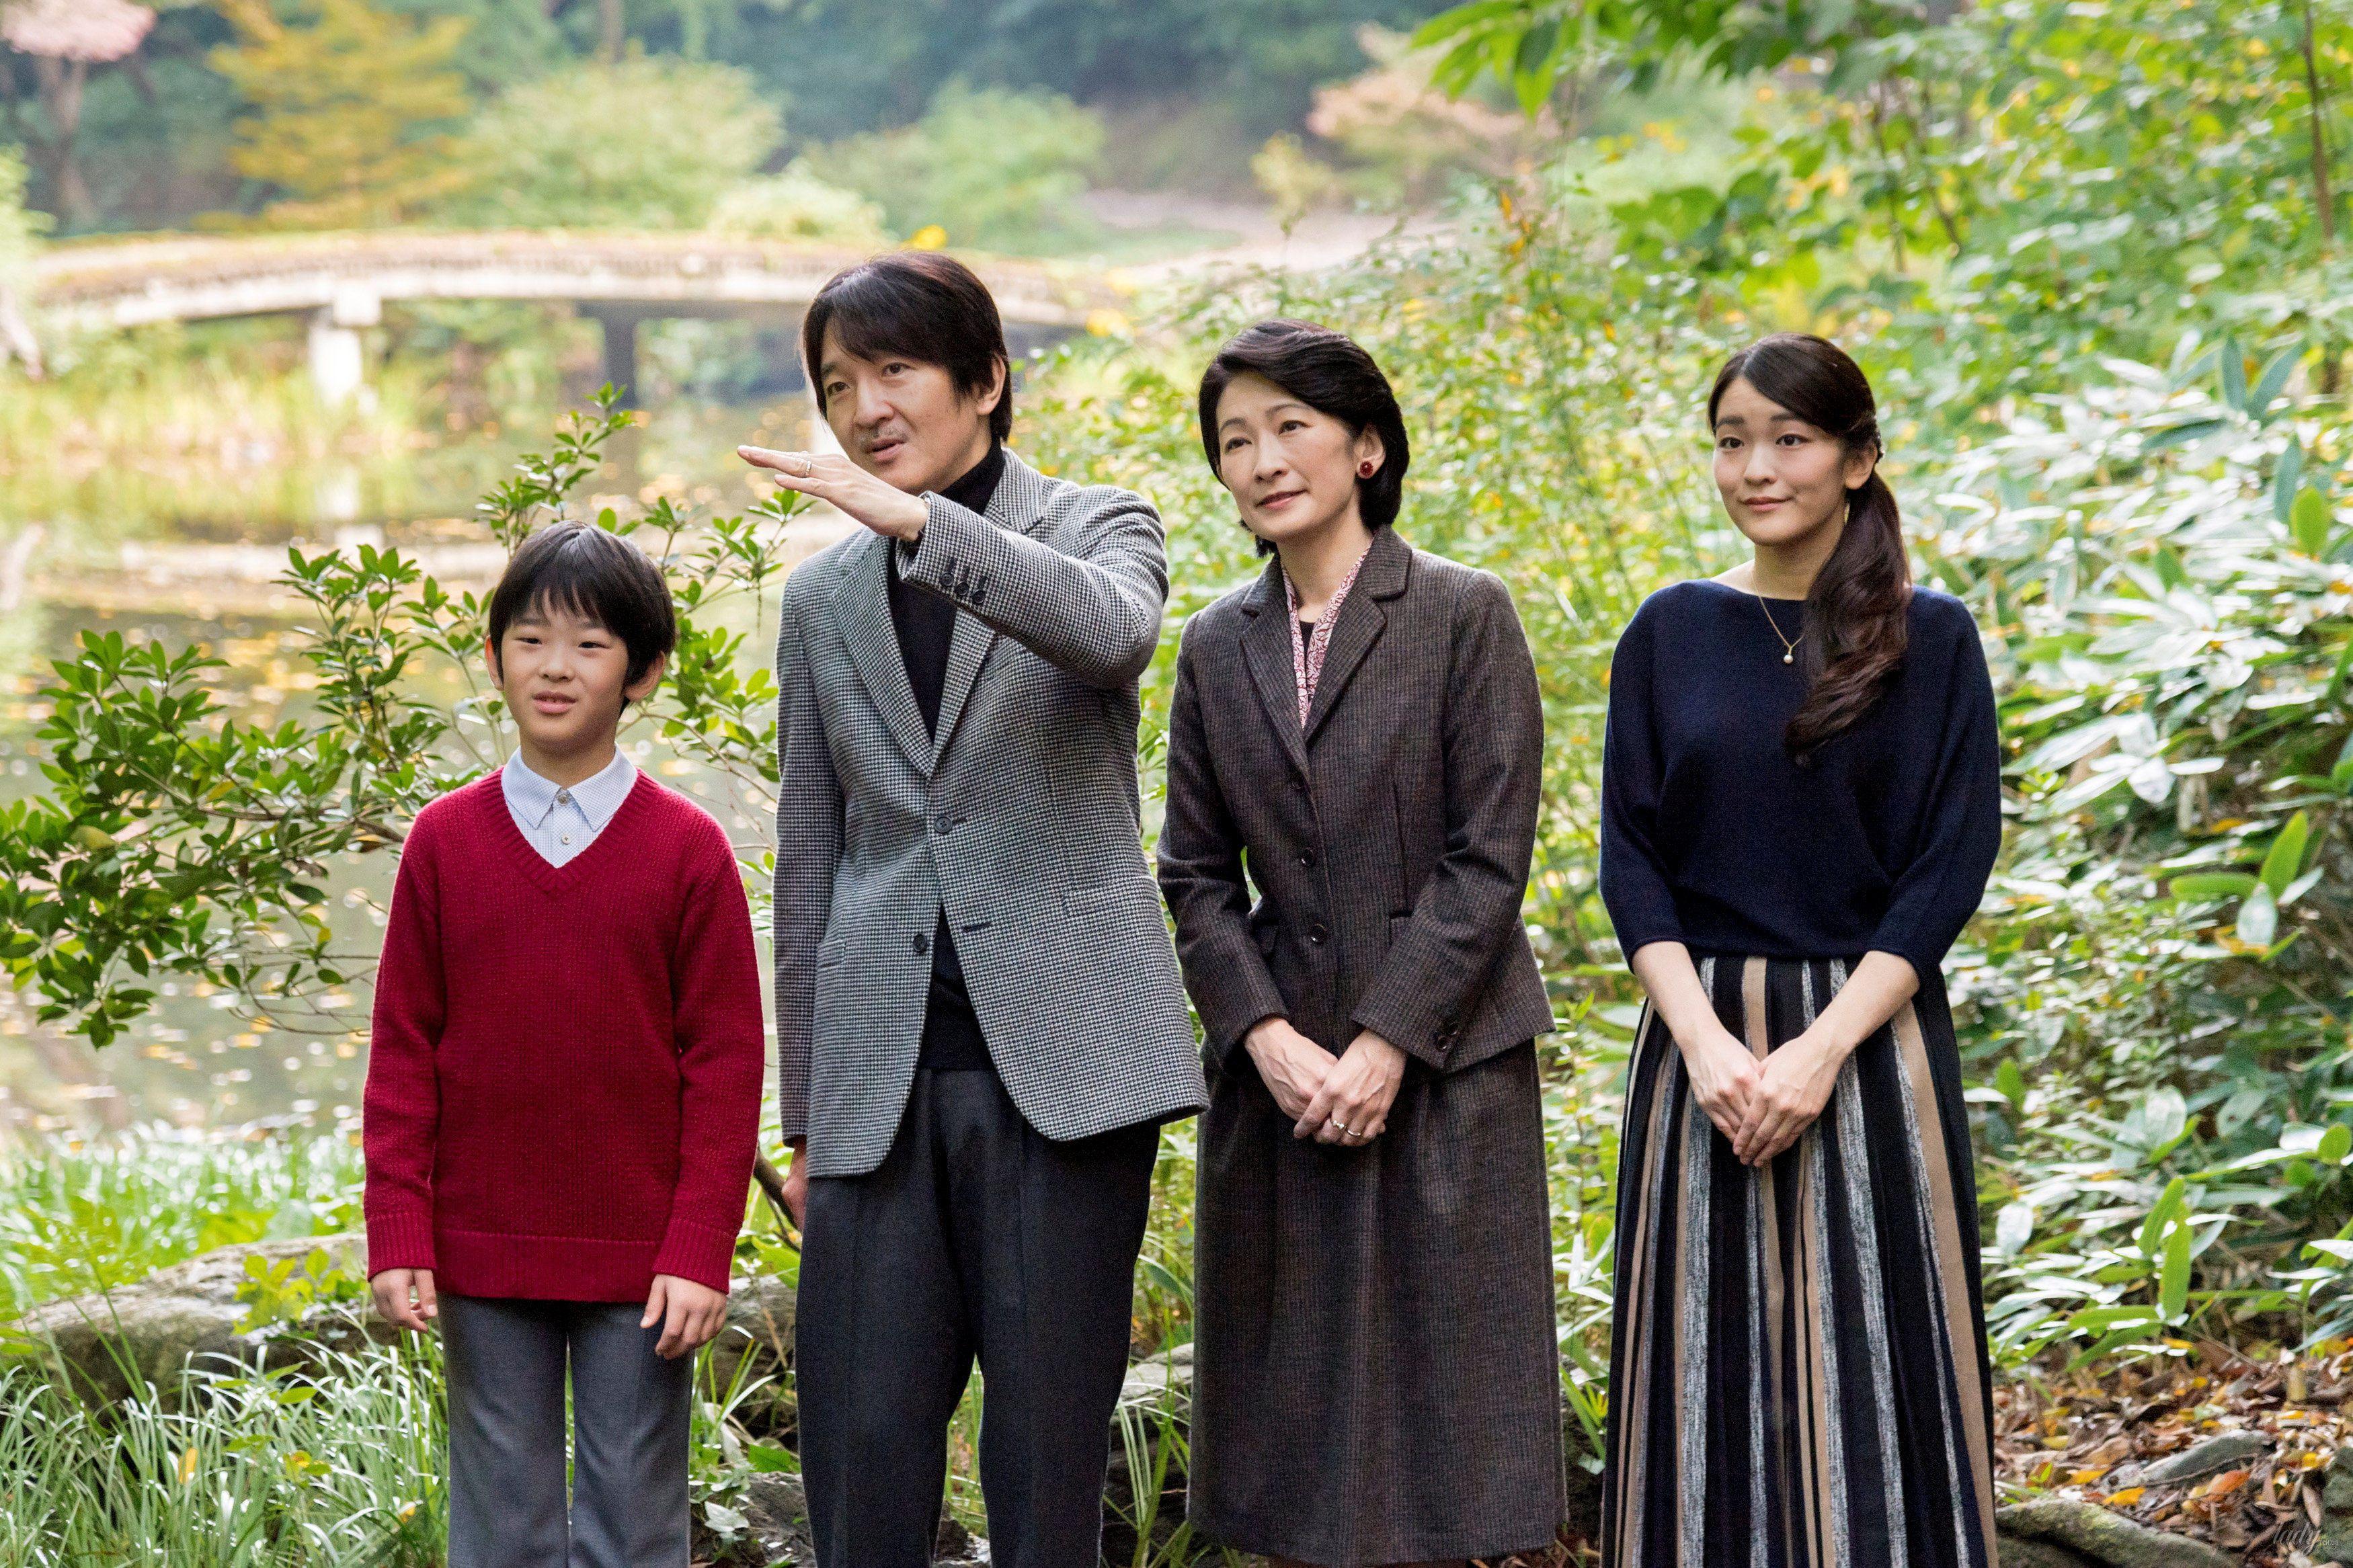 Японский принц Акисино, его жена принцесса Кико и их дети - принц Хисахито и принцесса Мако_5